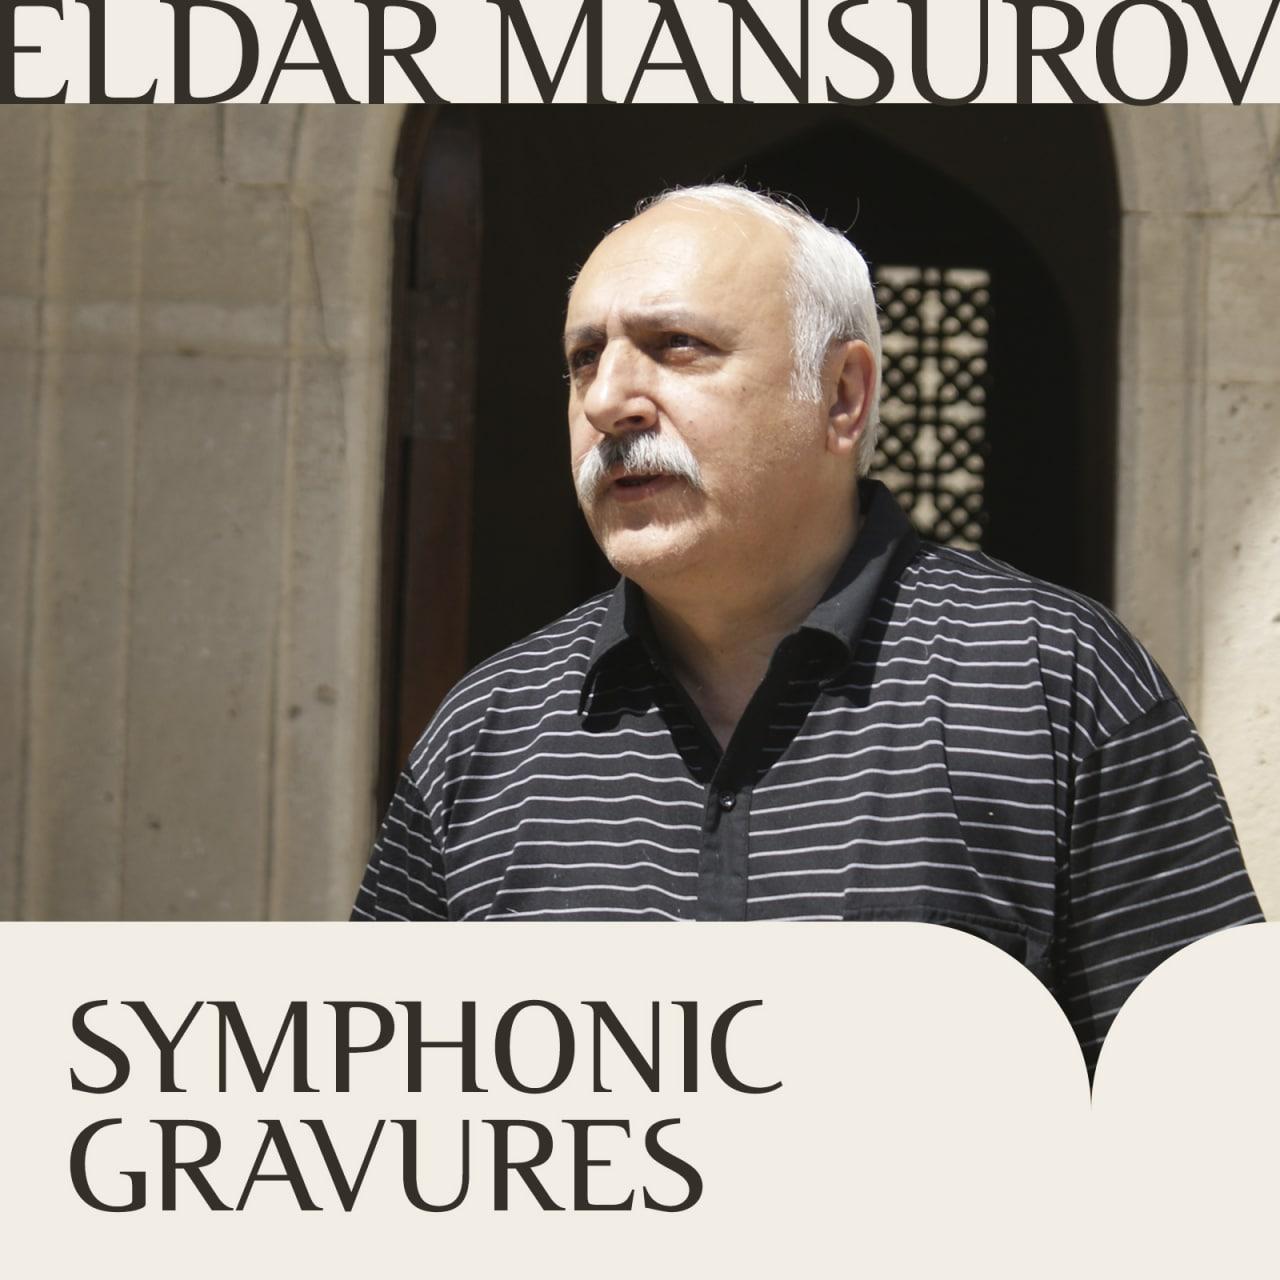 Symphonic Gravures